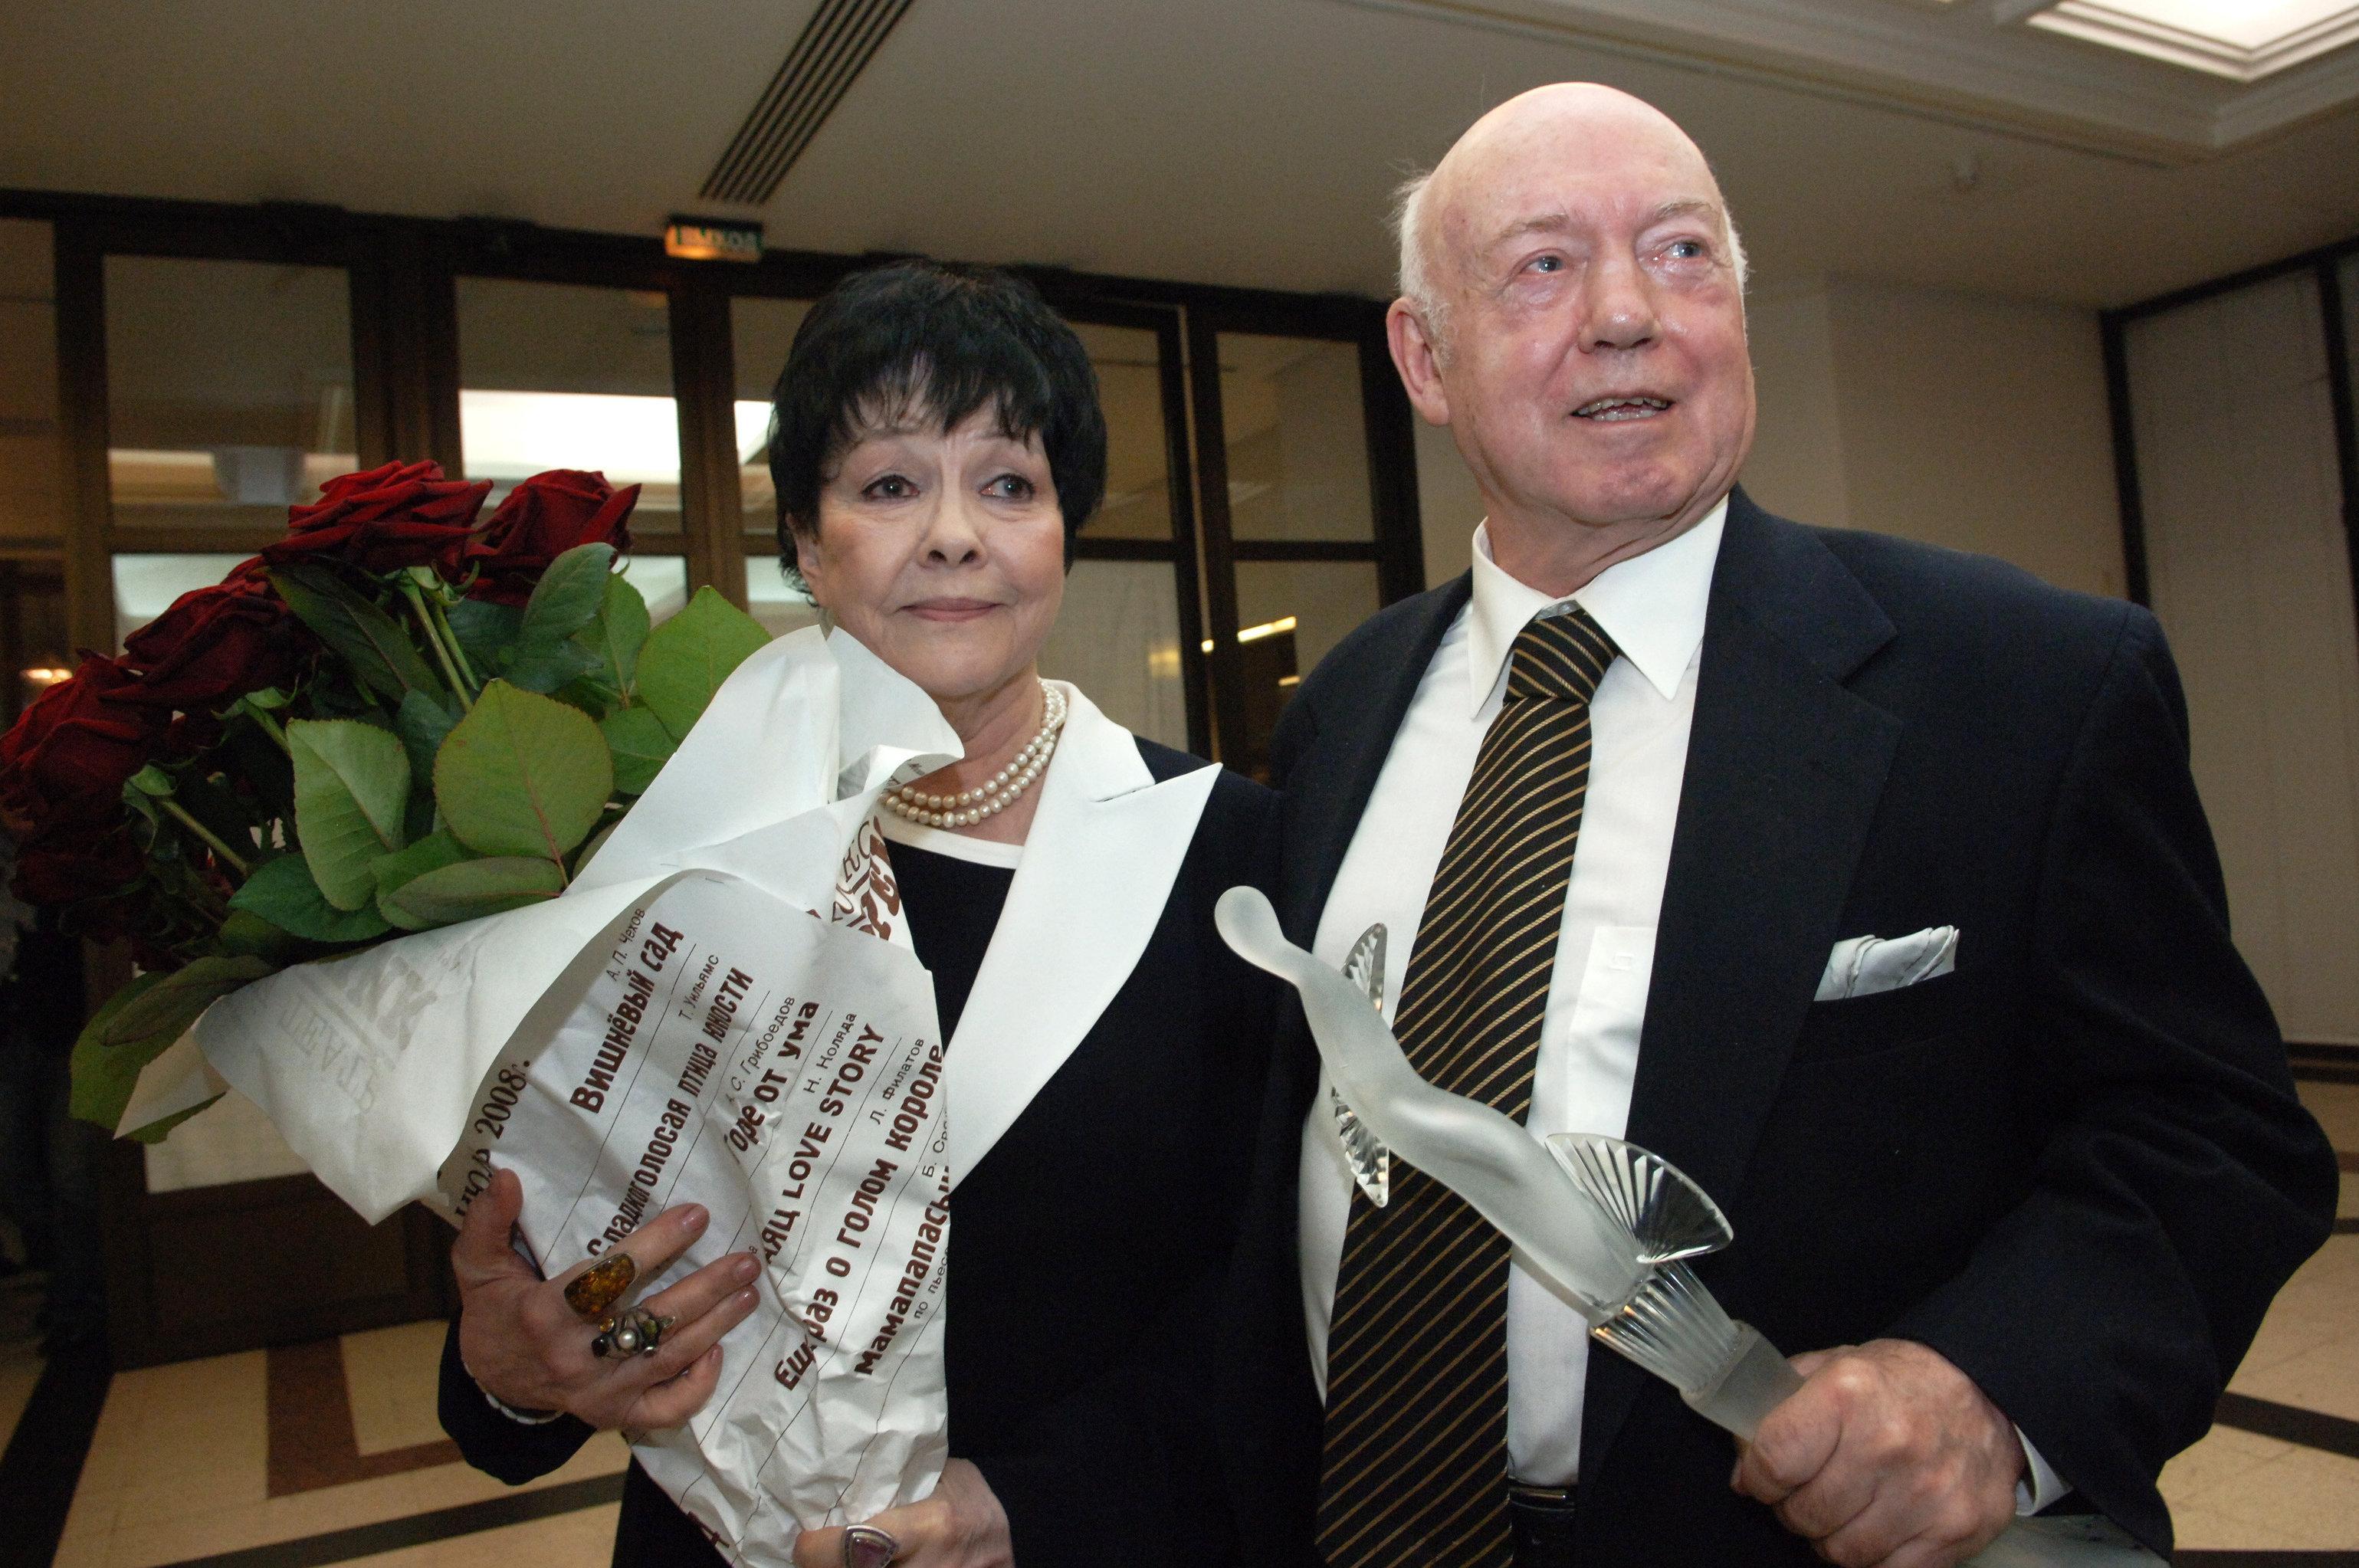 """ბორის მესერერი და ბელა ახმადულინა თეატრალური პრემიის, """"ბროლის ტურანდოტის"""" დაჯილდოებაზე"""